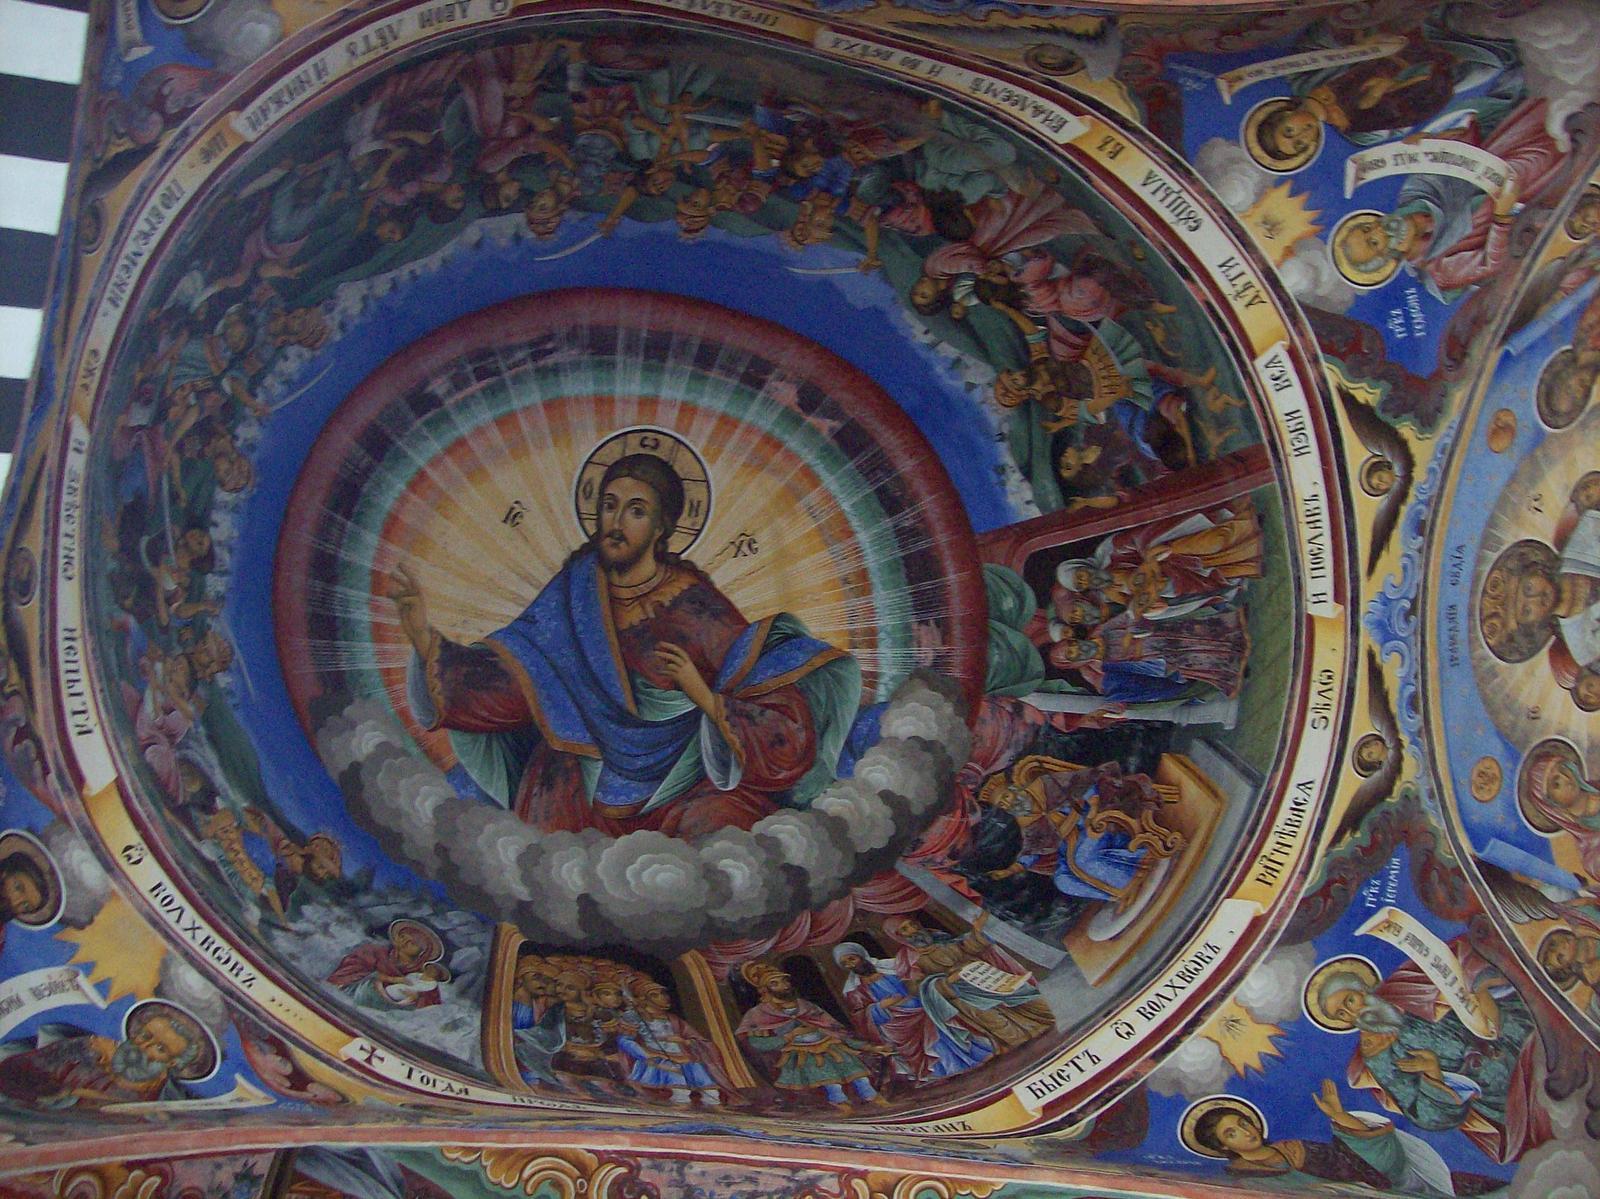 Rila Kloster